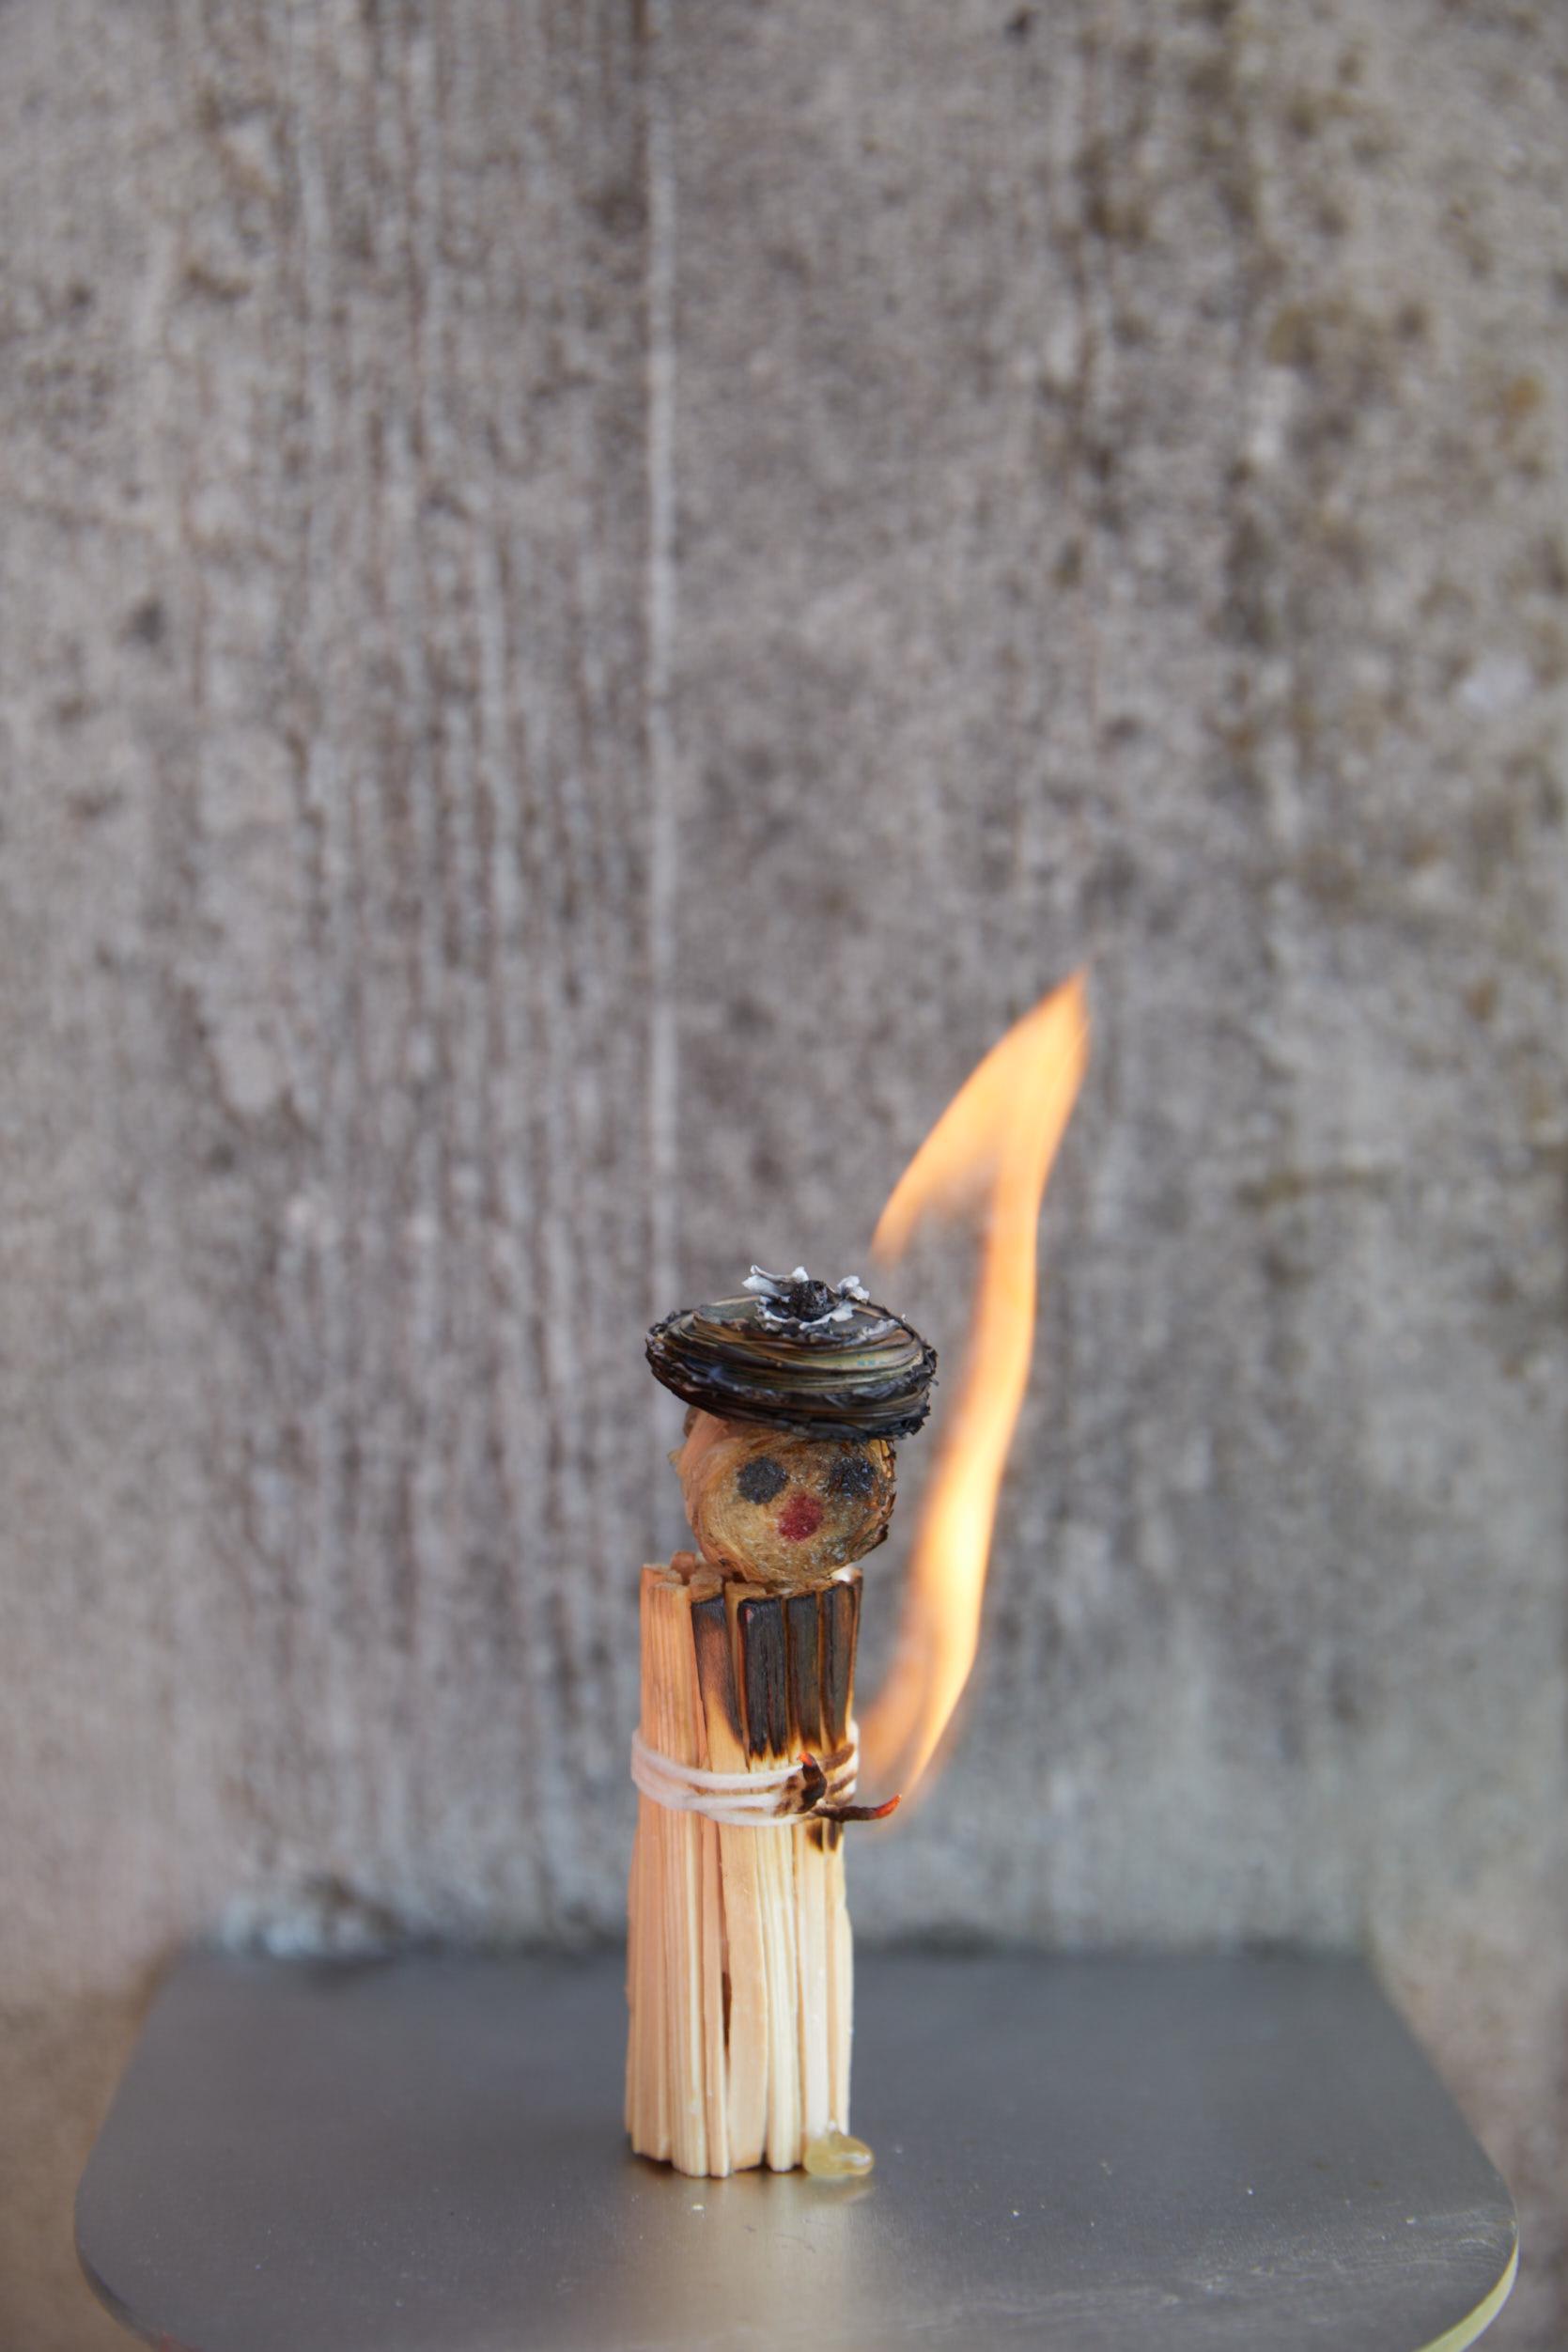 Feuriger Martin steht in Flammen.